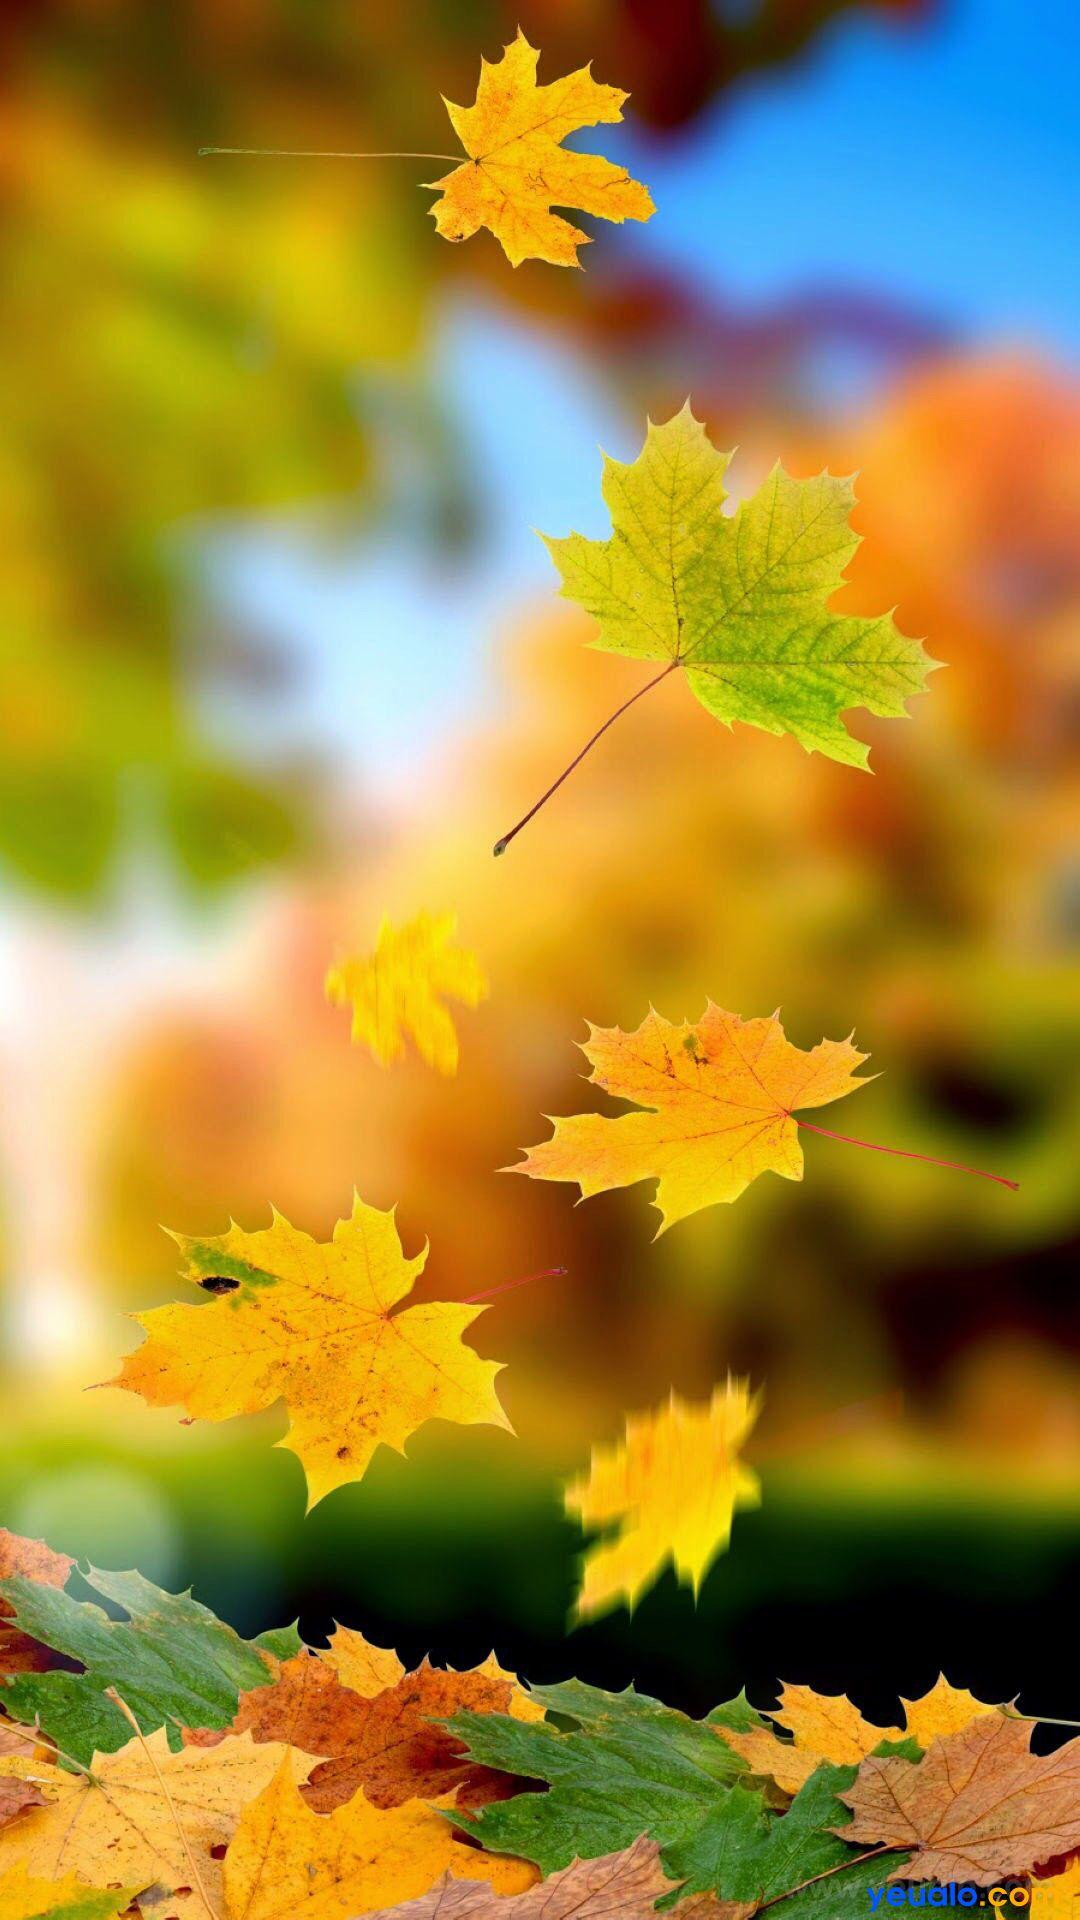 Hình nền điện thoại lá cây mùa thu đẹp 17